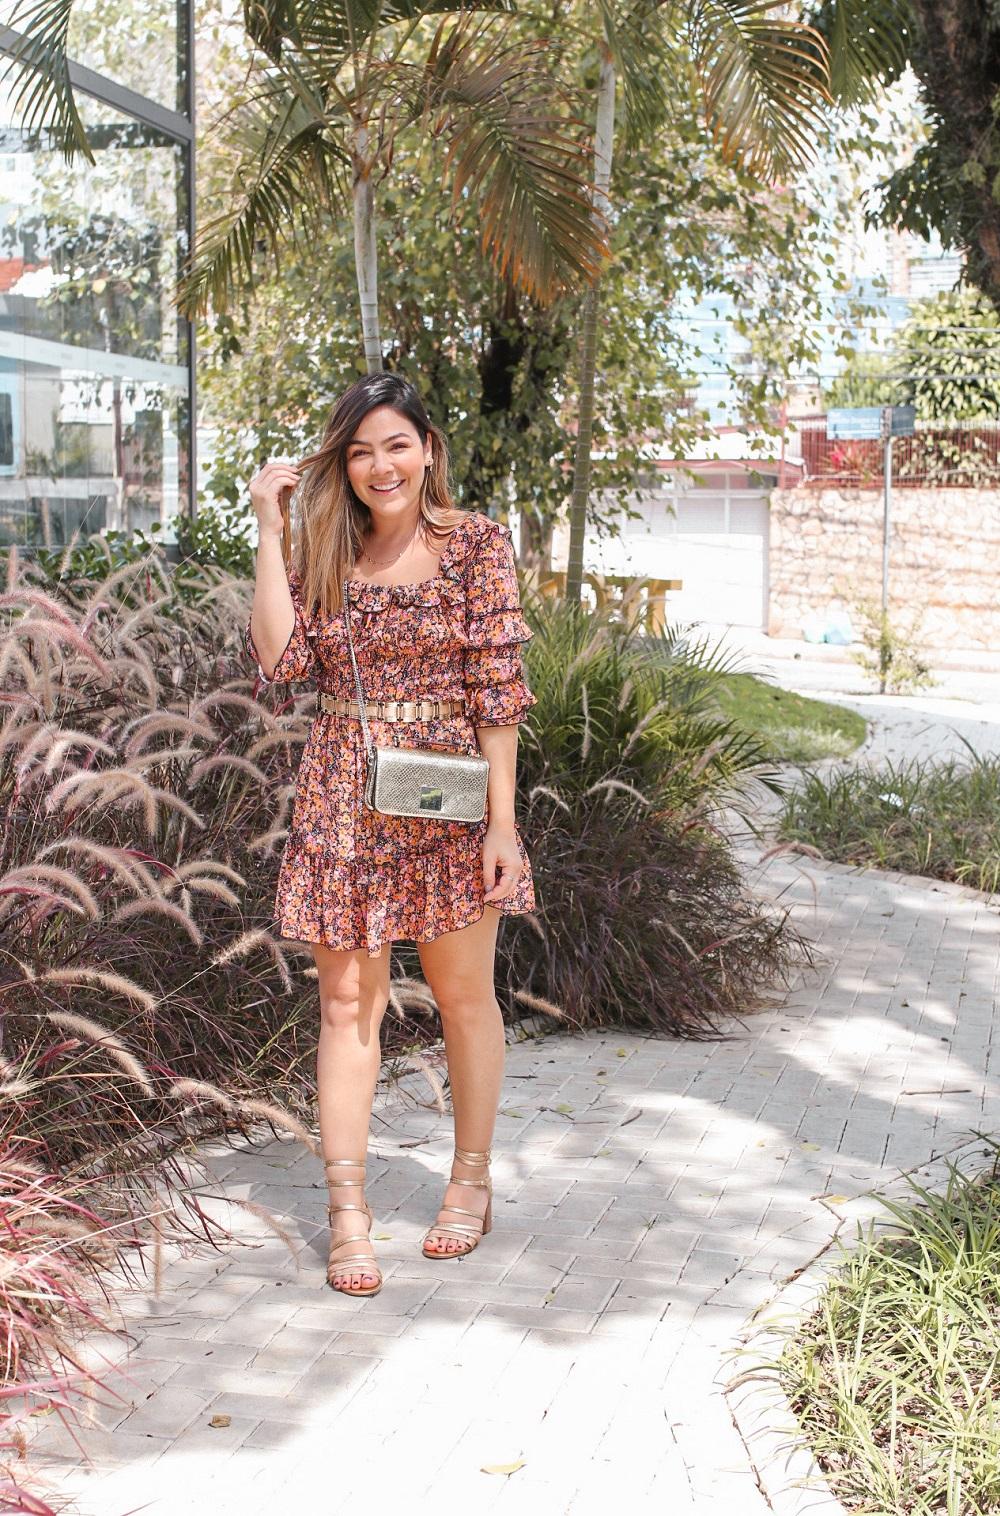 Look Vestido Florido, vestido com flor, vestido florido, vestido manga curta, vestido manga 3/4, look vestido curto,  vestido curto, sandália dourada, look com sandalia dourada